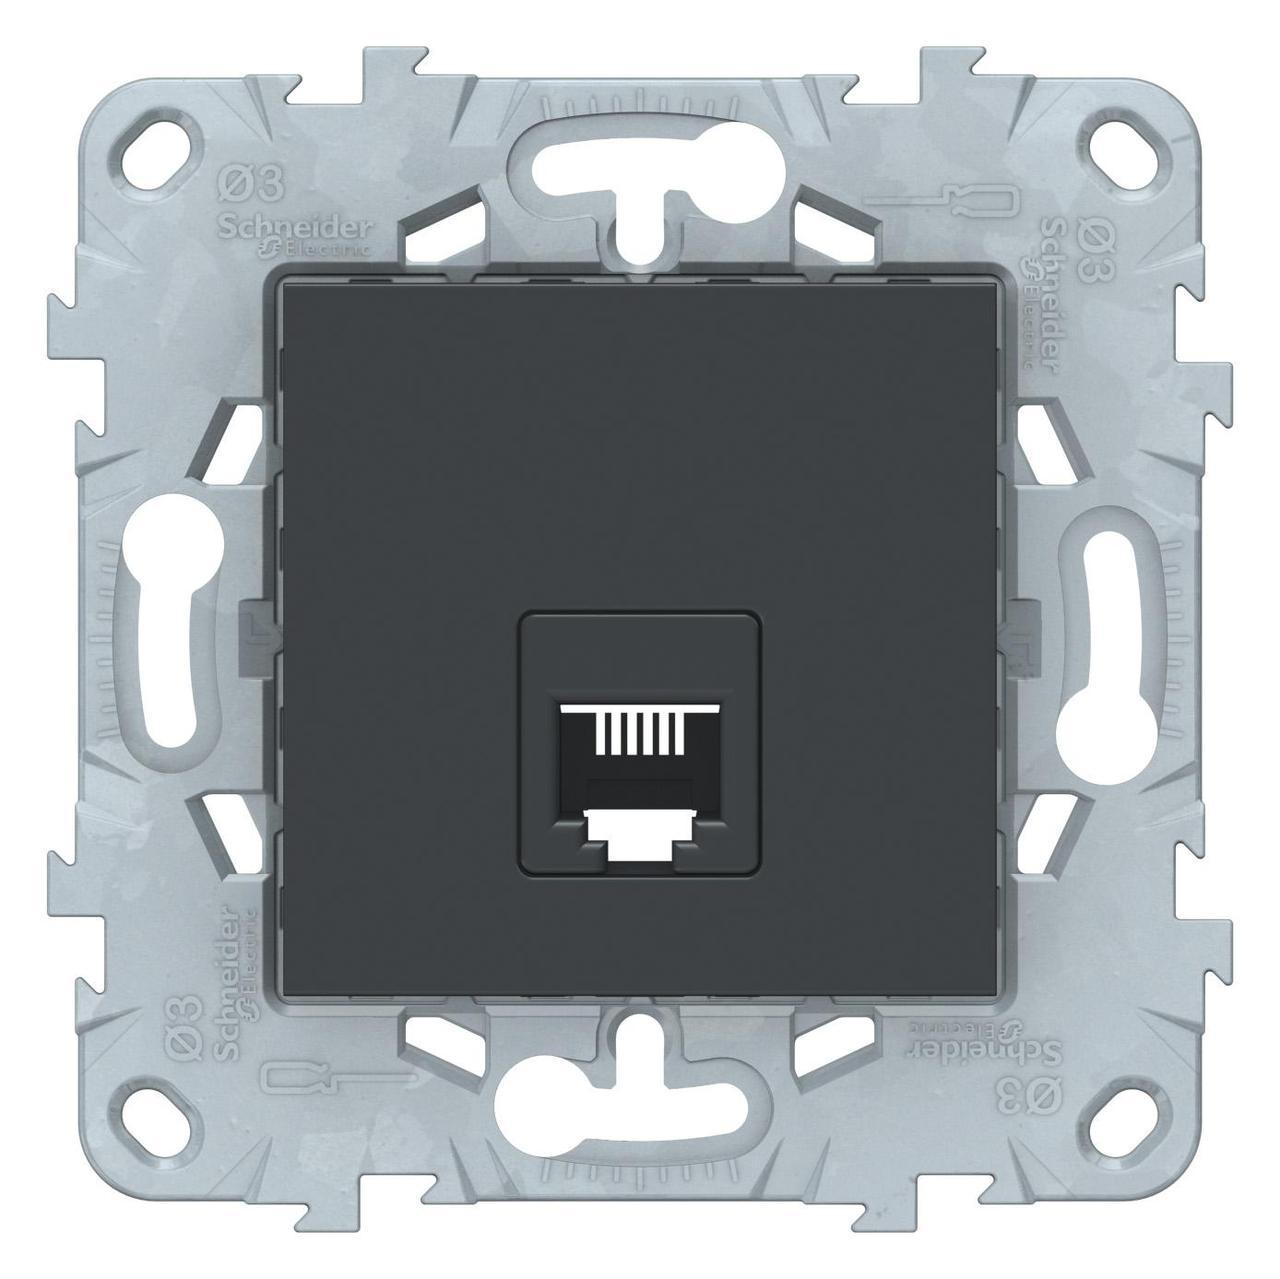 Розетка телефонная 1-ая 4 контакта, RJ-11 , Антрацит, серия Unica New, Schneider Electric